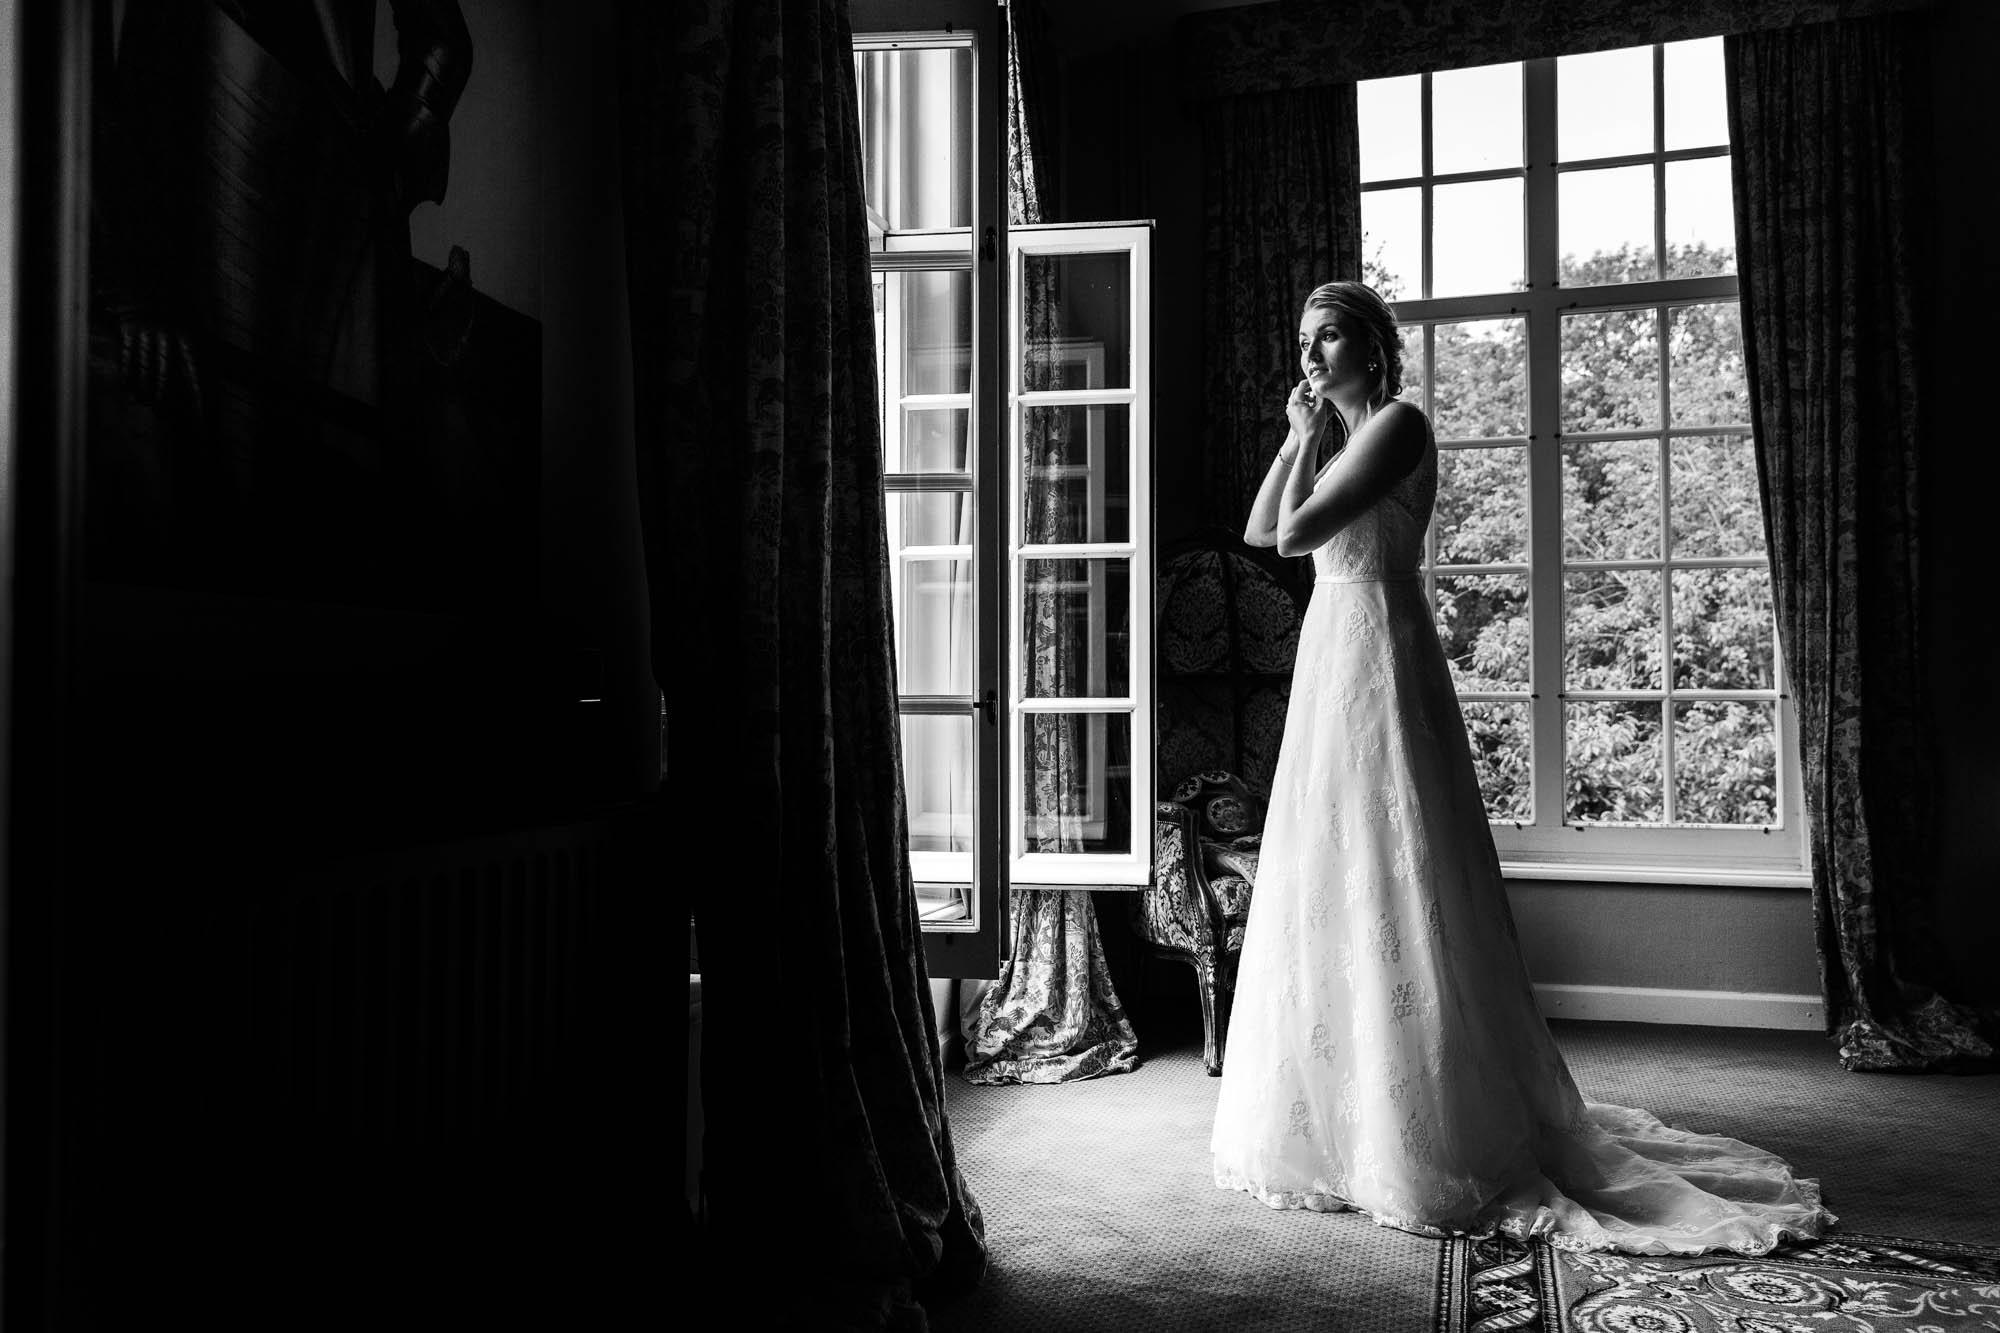 Stijlvolle bruidsfoto en een klassieke trouwlocatie.